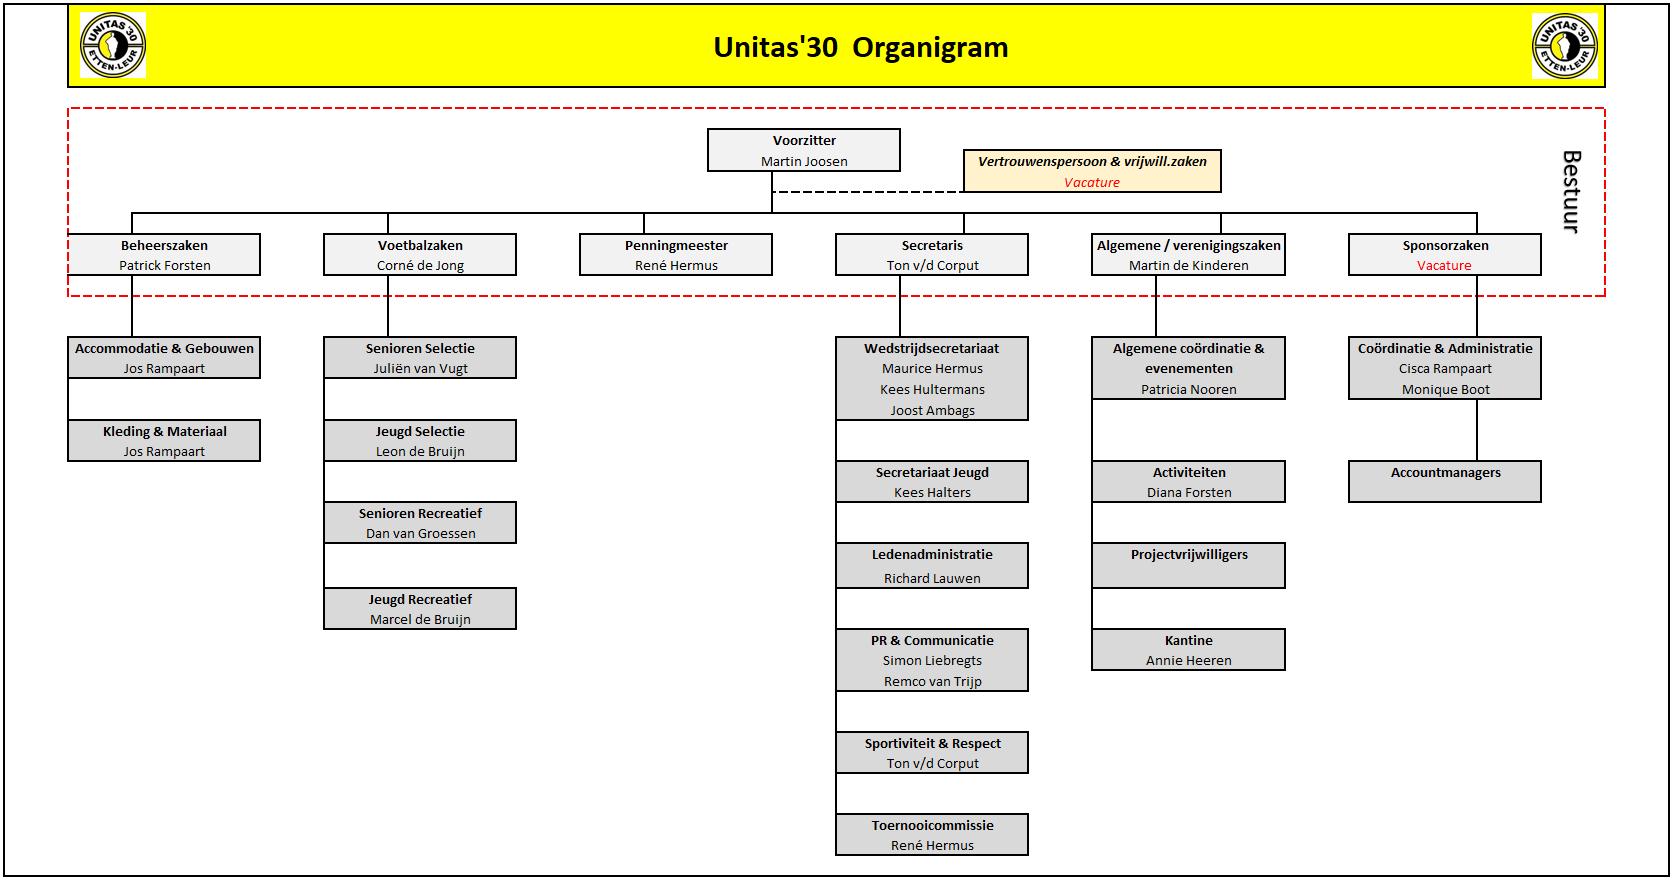 Organigram Unitas'30